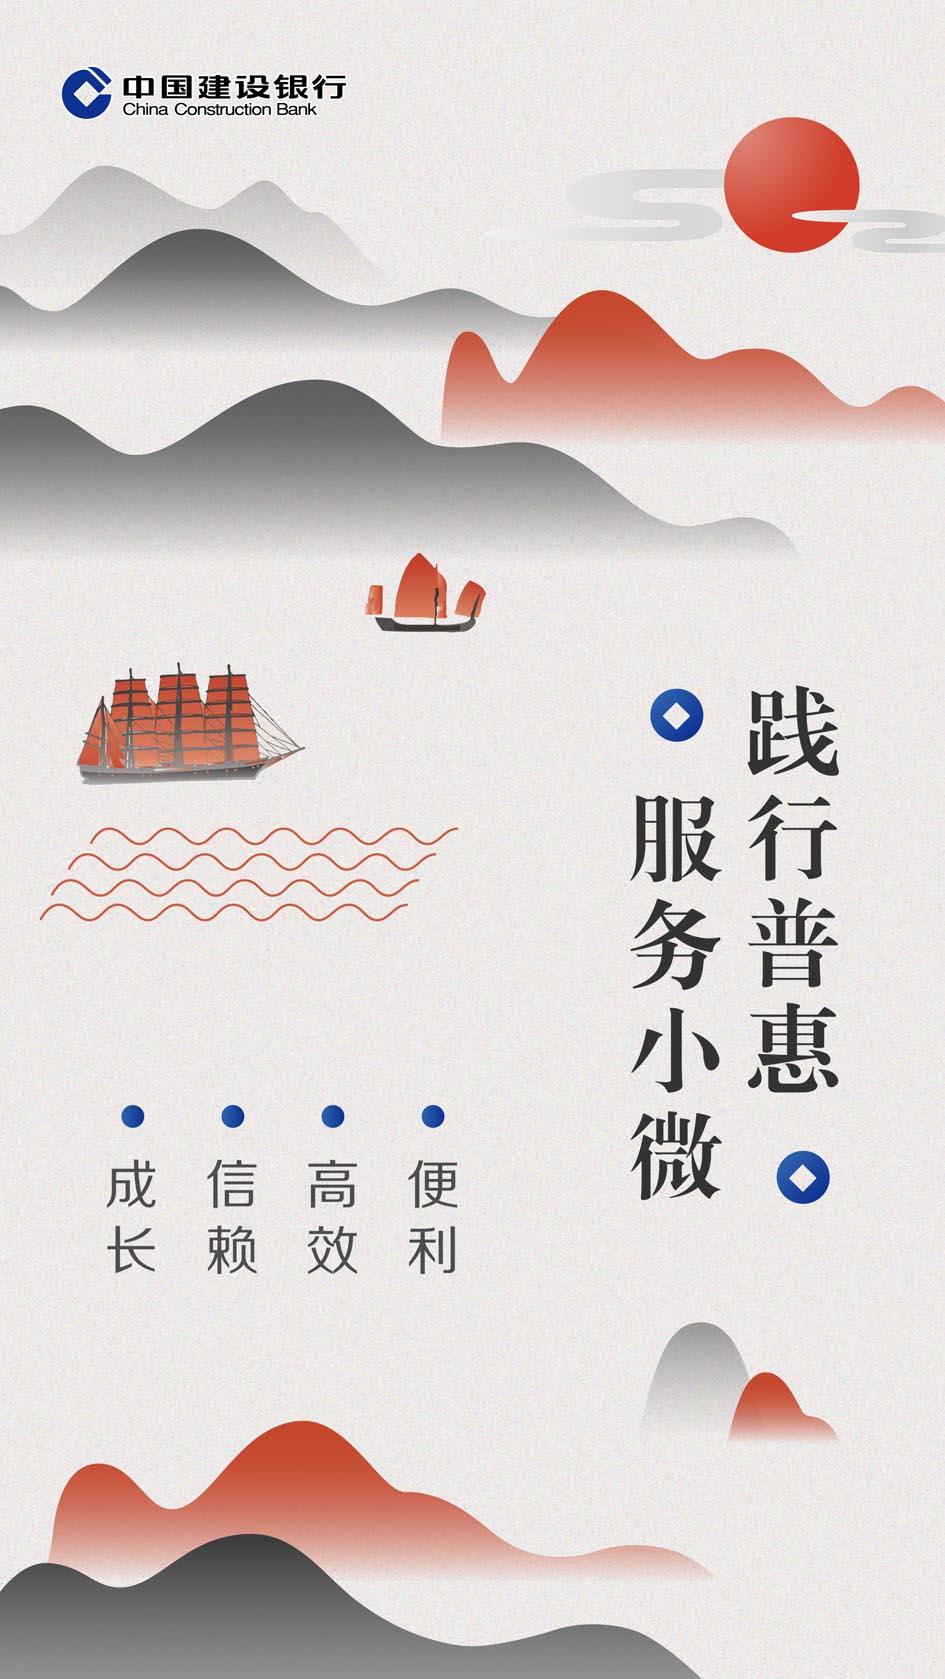 普惠金融H5設計